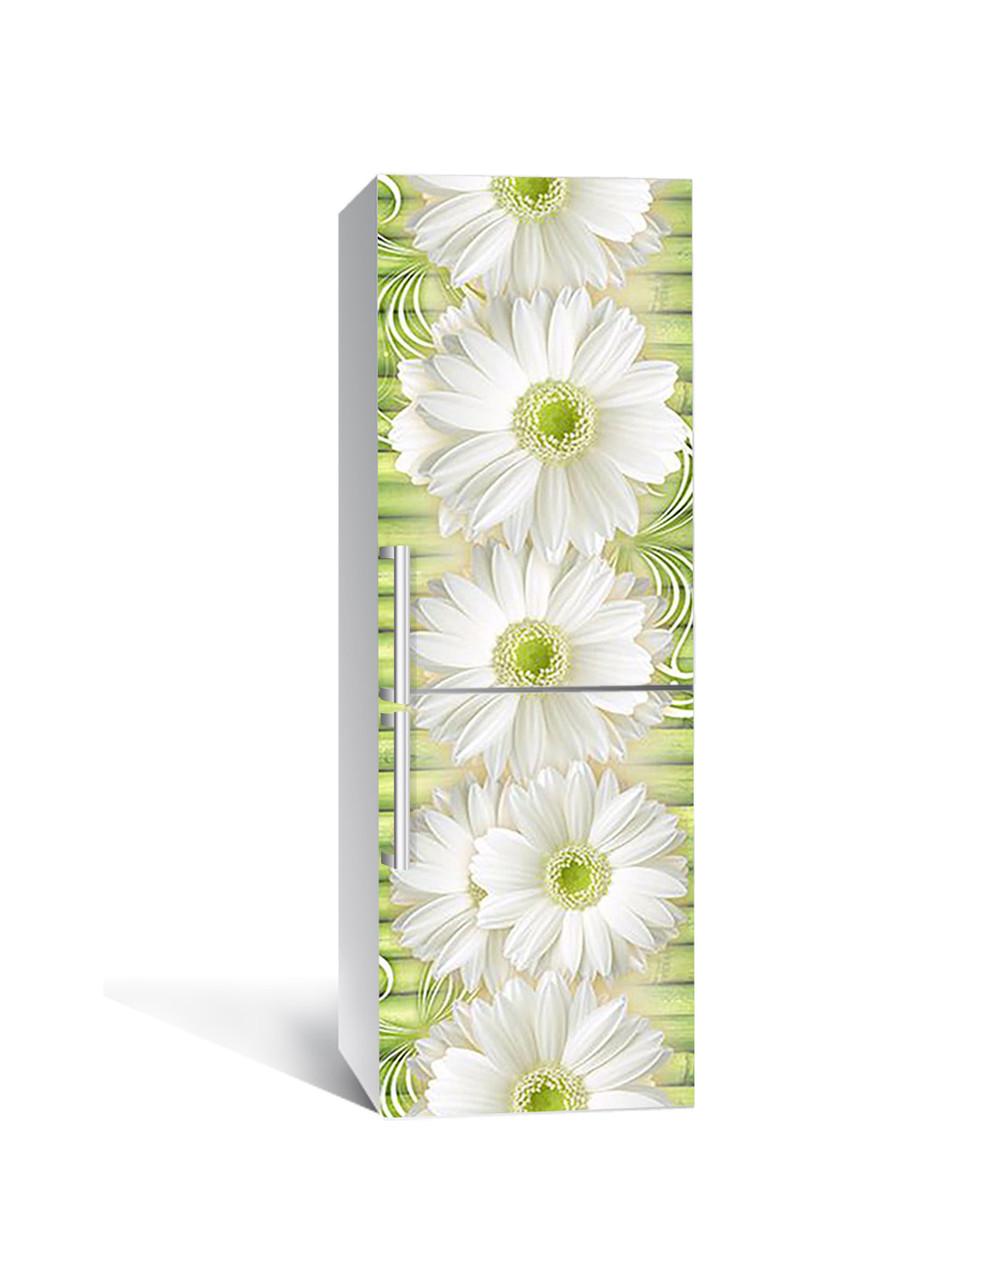 Виниловая 3Д наклейка на холодильник Ромашки и Бамбук (ПВХ пленка самоклеющаяся) крупные Цветы Желтый 650*2000 мм